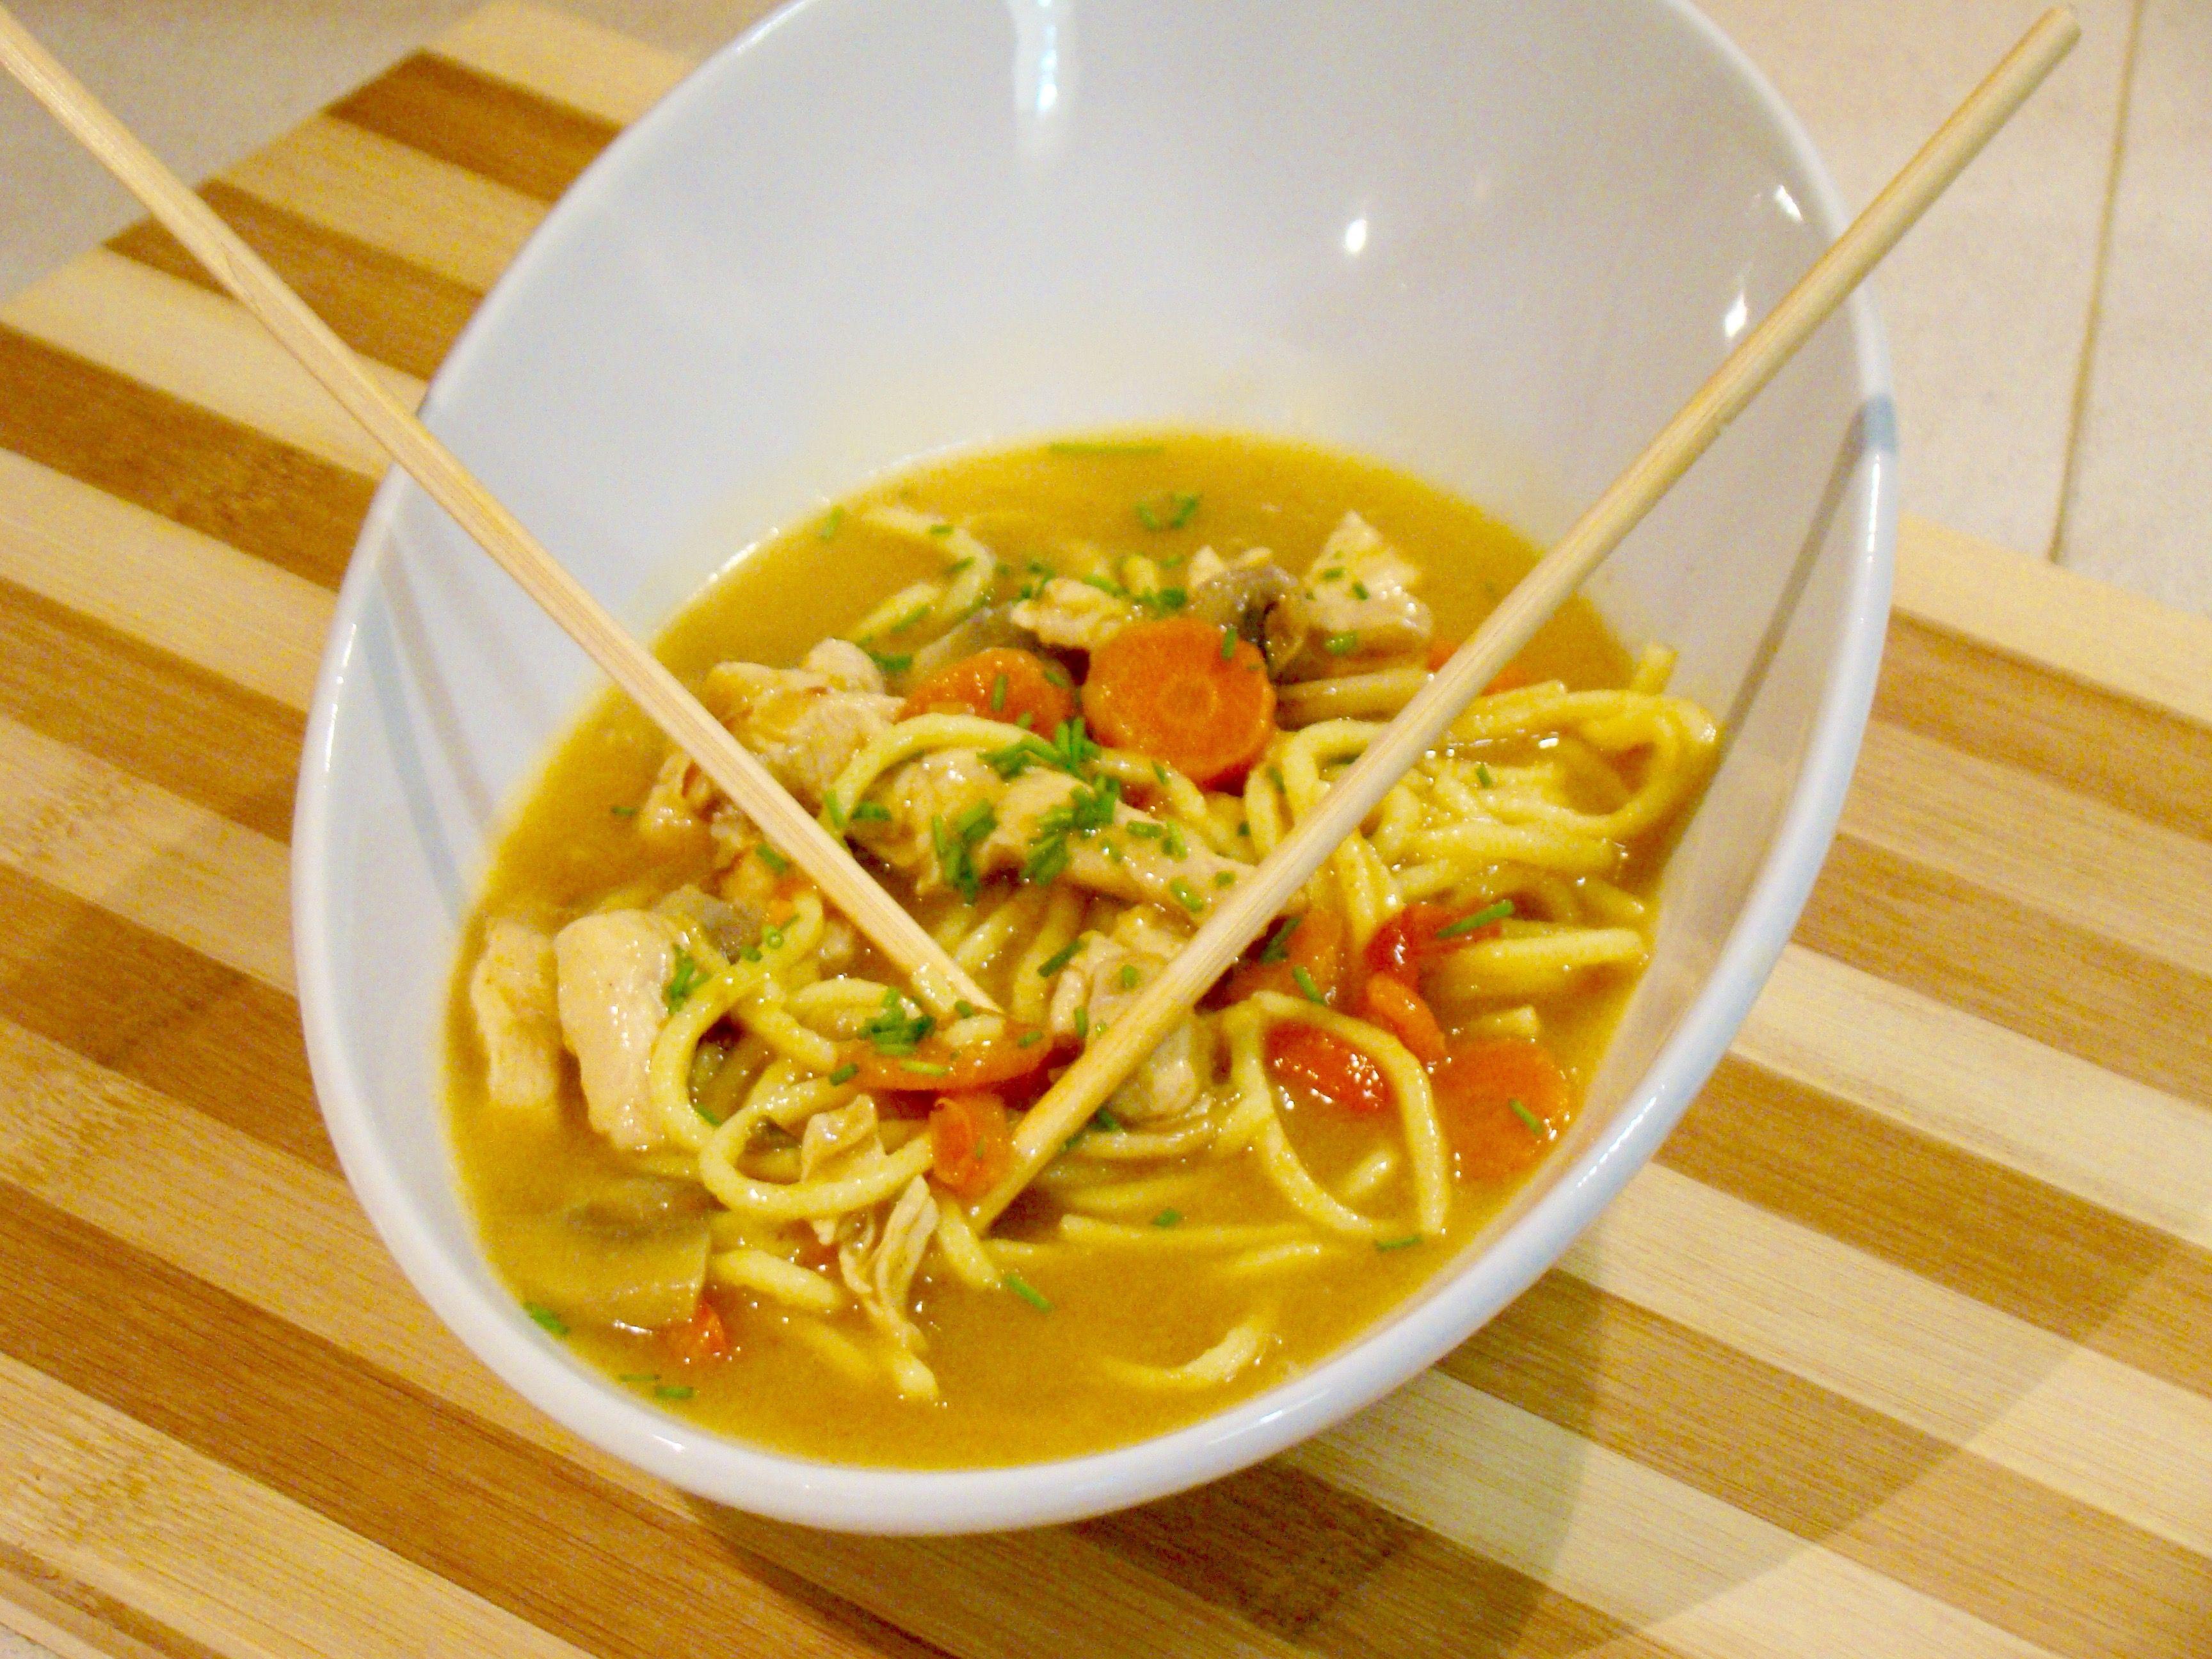 Pronta in appena 30 minuti, la zuppa orientale è un piatto unico nutriente, sano e semplice da preparare. Scopri nella video ricetta come prepararla.